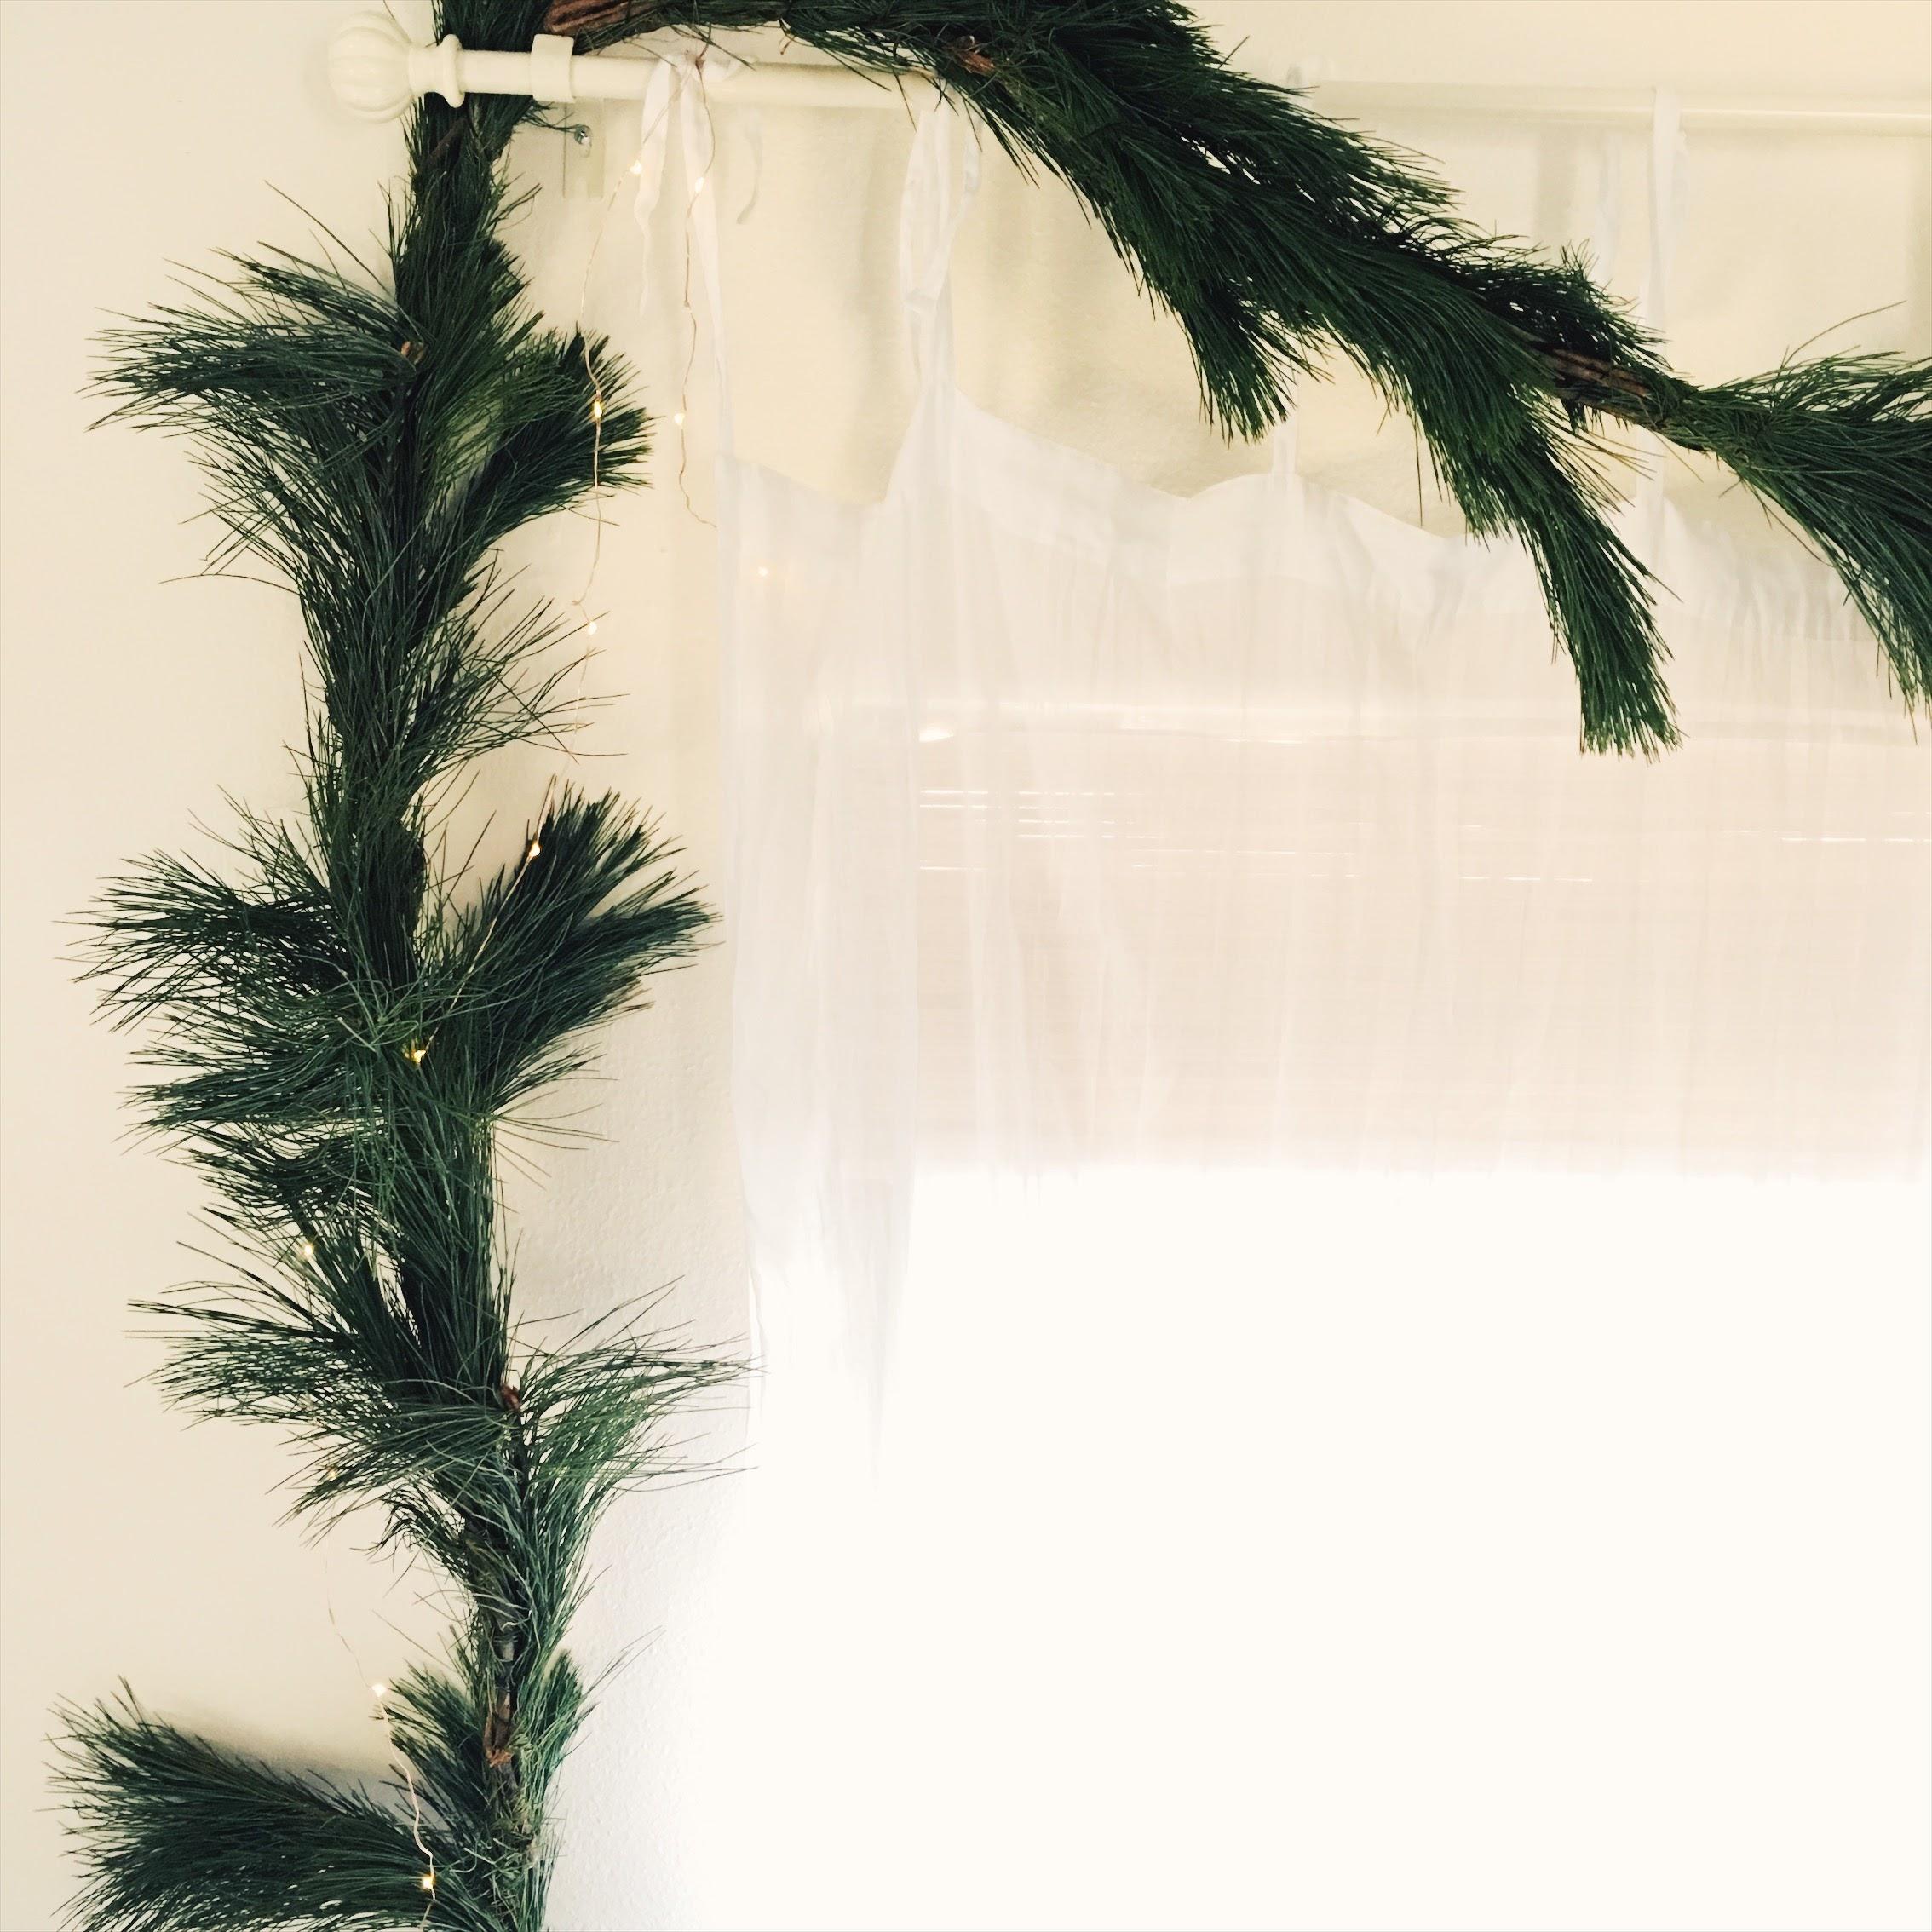 pine garland for Christmas